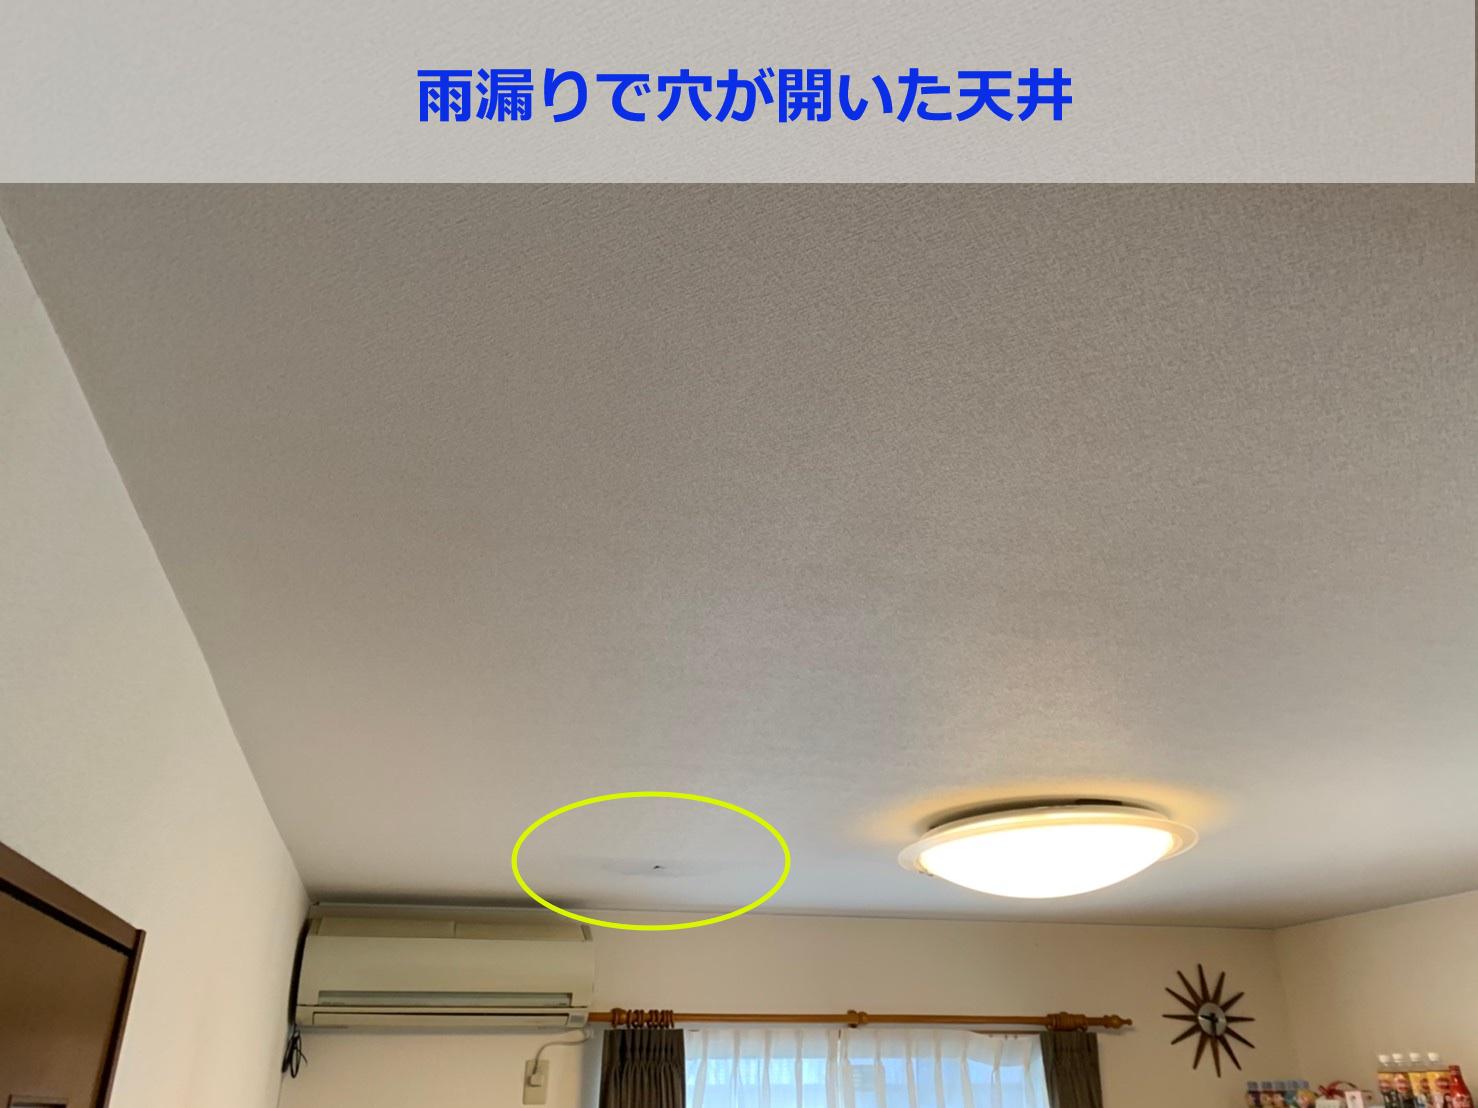 神戸市北区 雨漏り修理!コーキングとFRP防水工事で解決!